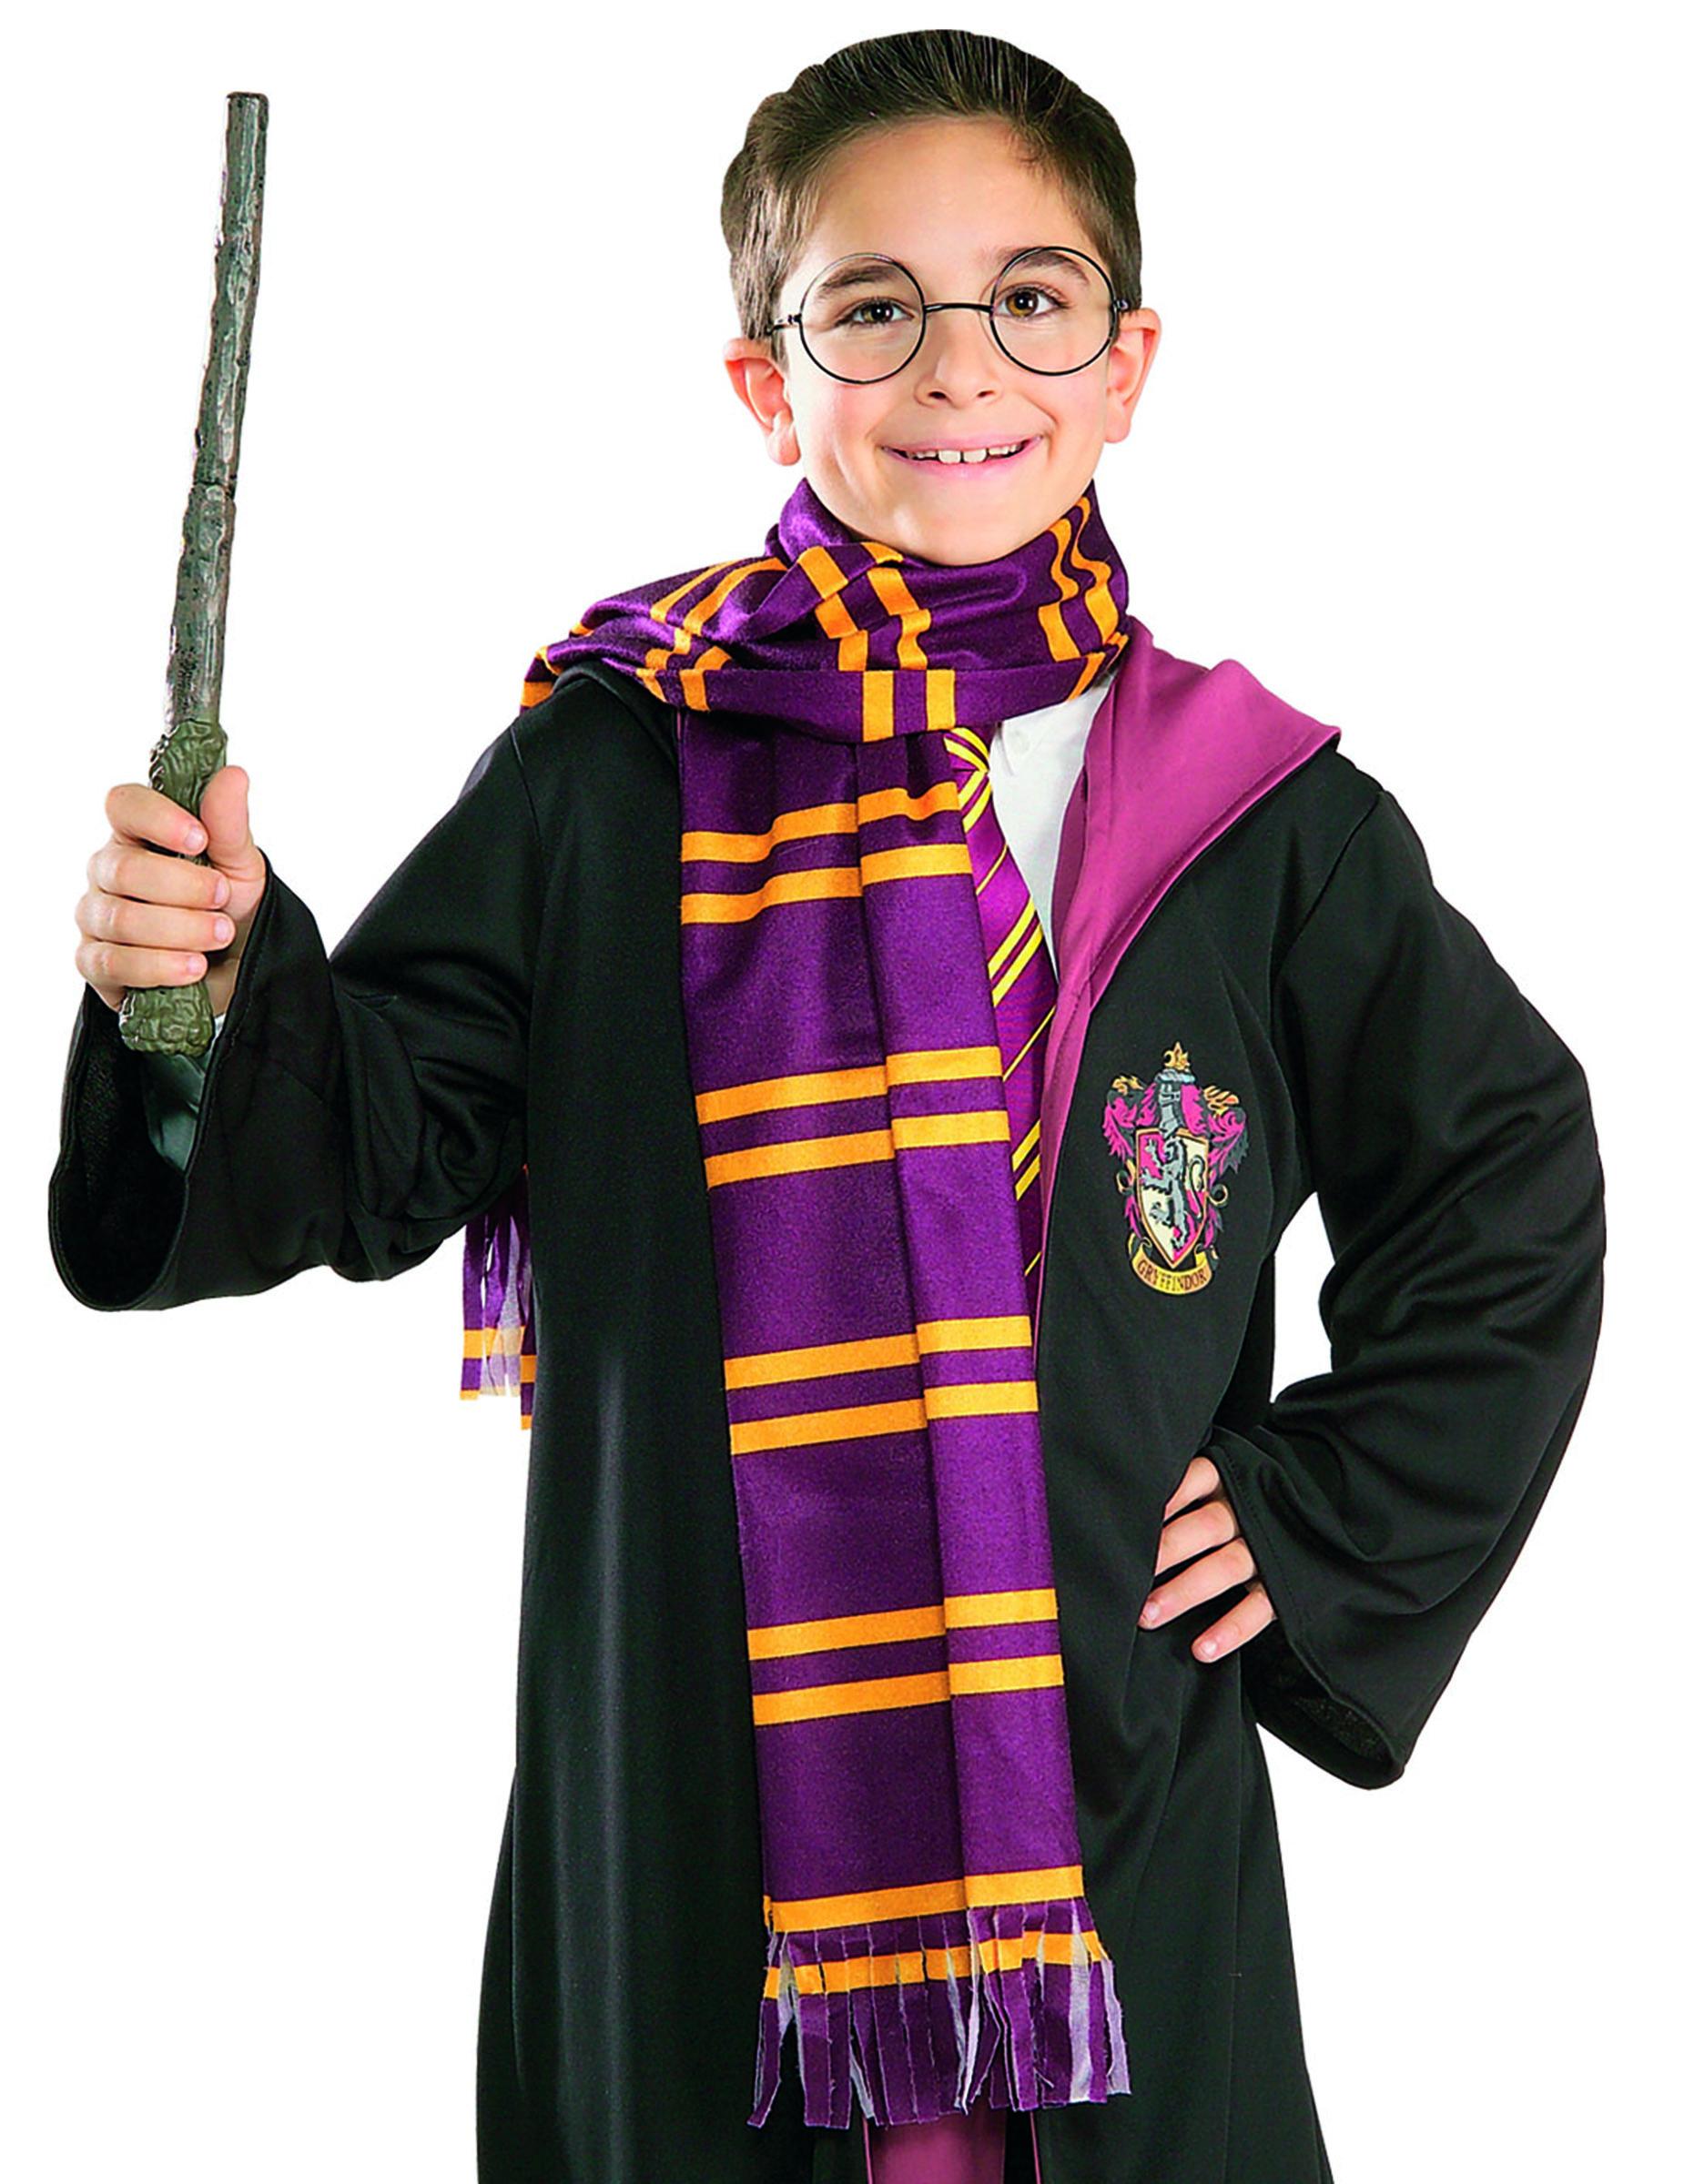 vari design nuovo aspetto lucentezza adorabile Sciarpa di Harry Potter™ su VegaooParty, negozio di articoli per feste